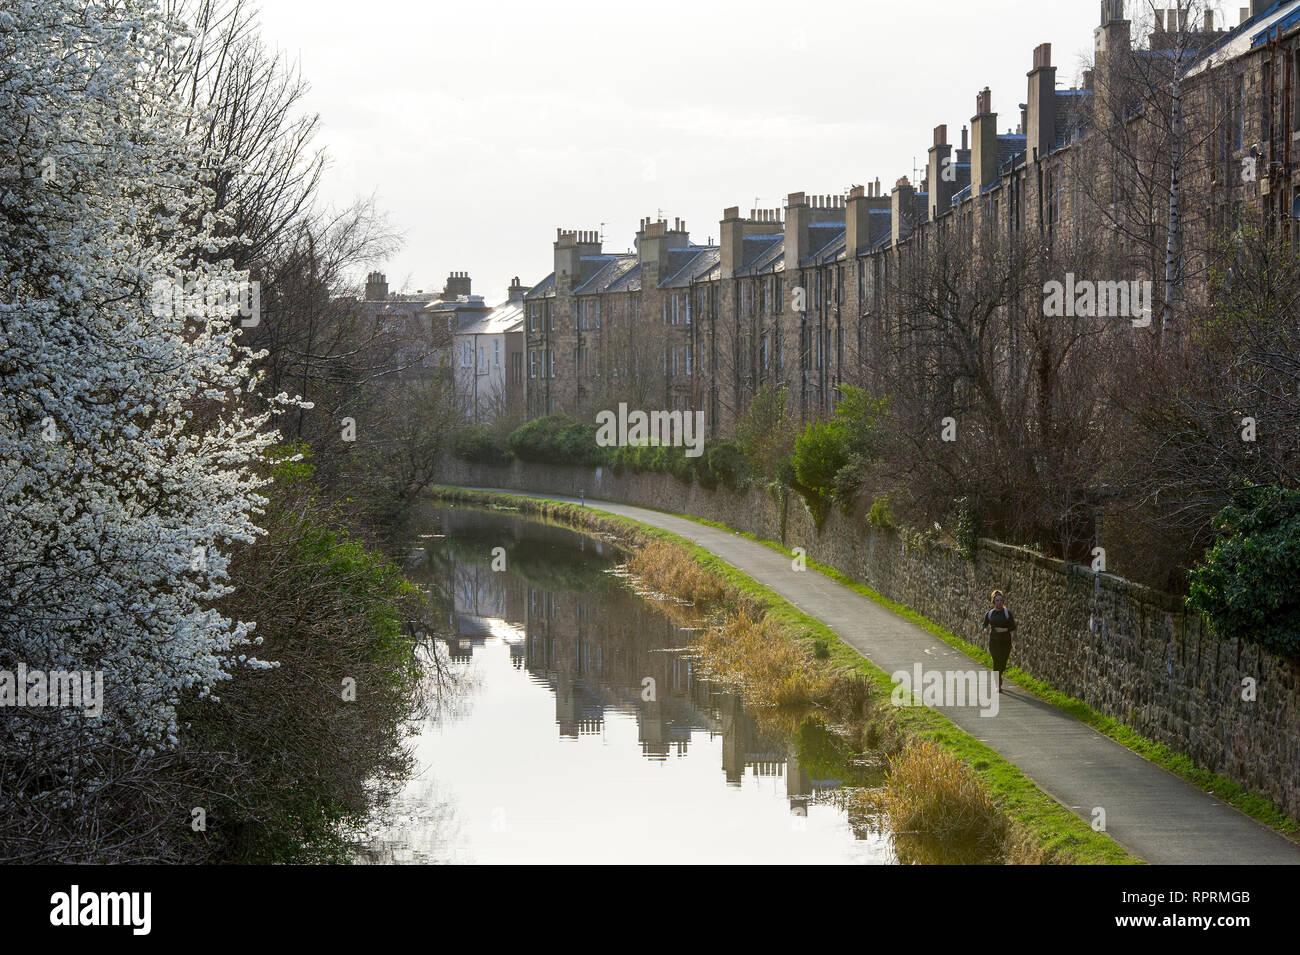 El Union canal en Viewforth, Edimburgo. Foto de stock